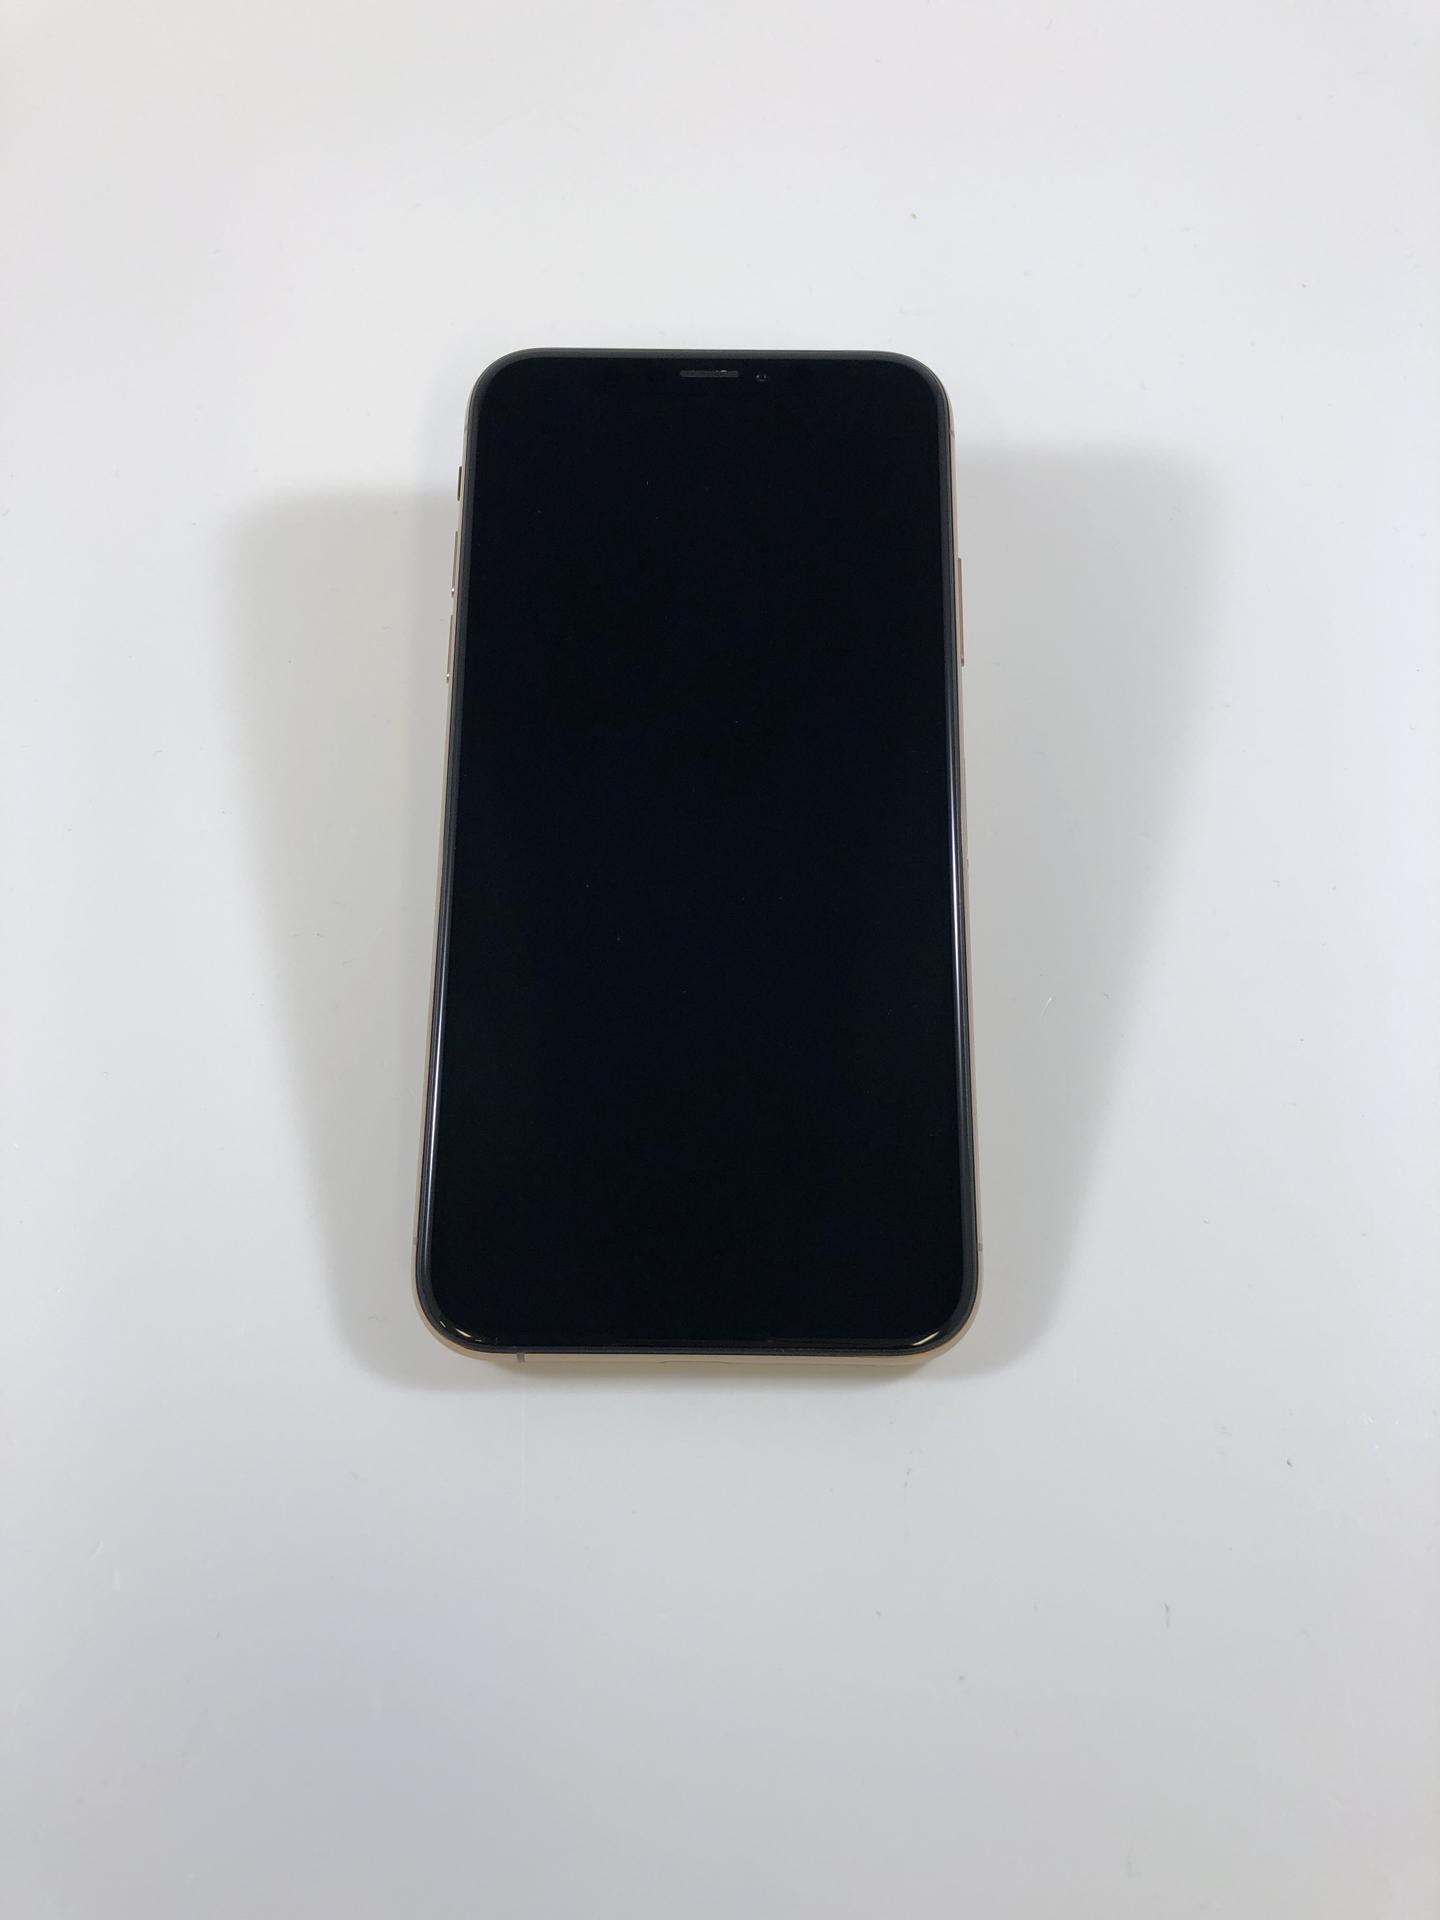 iPhone XS 256GB, 256GB, Gold, obraz 2